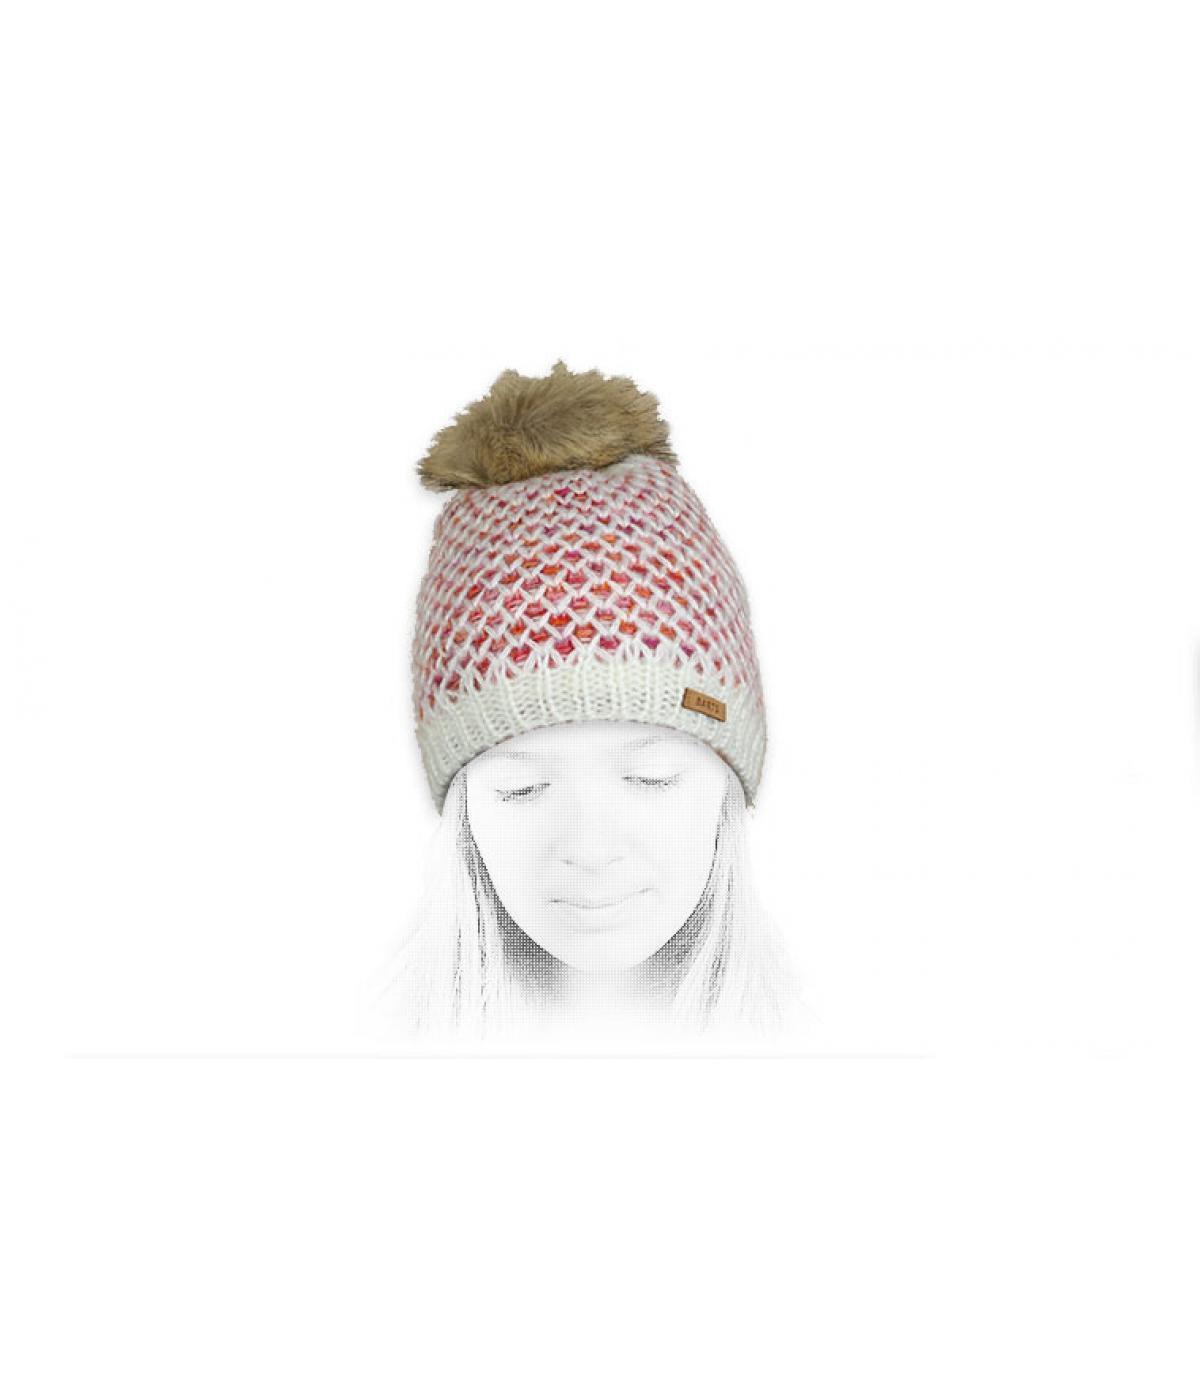 Mütze Mädchen weiß Fellbommel